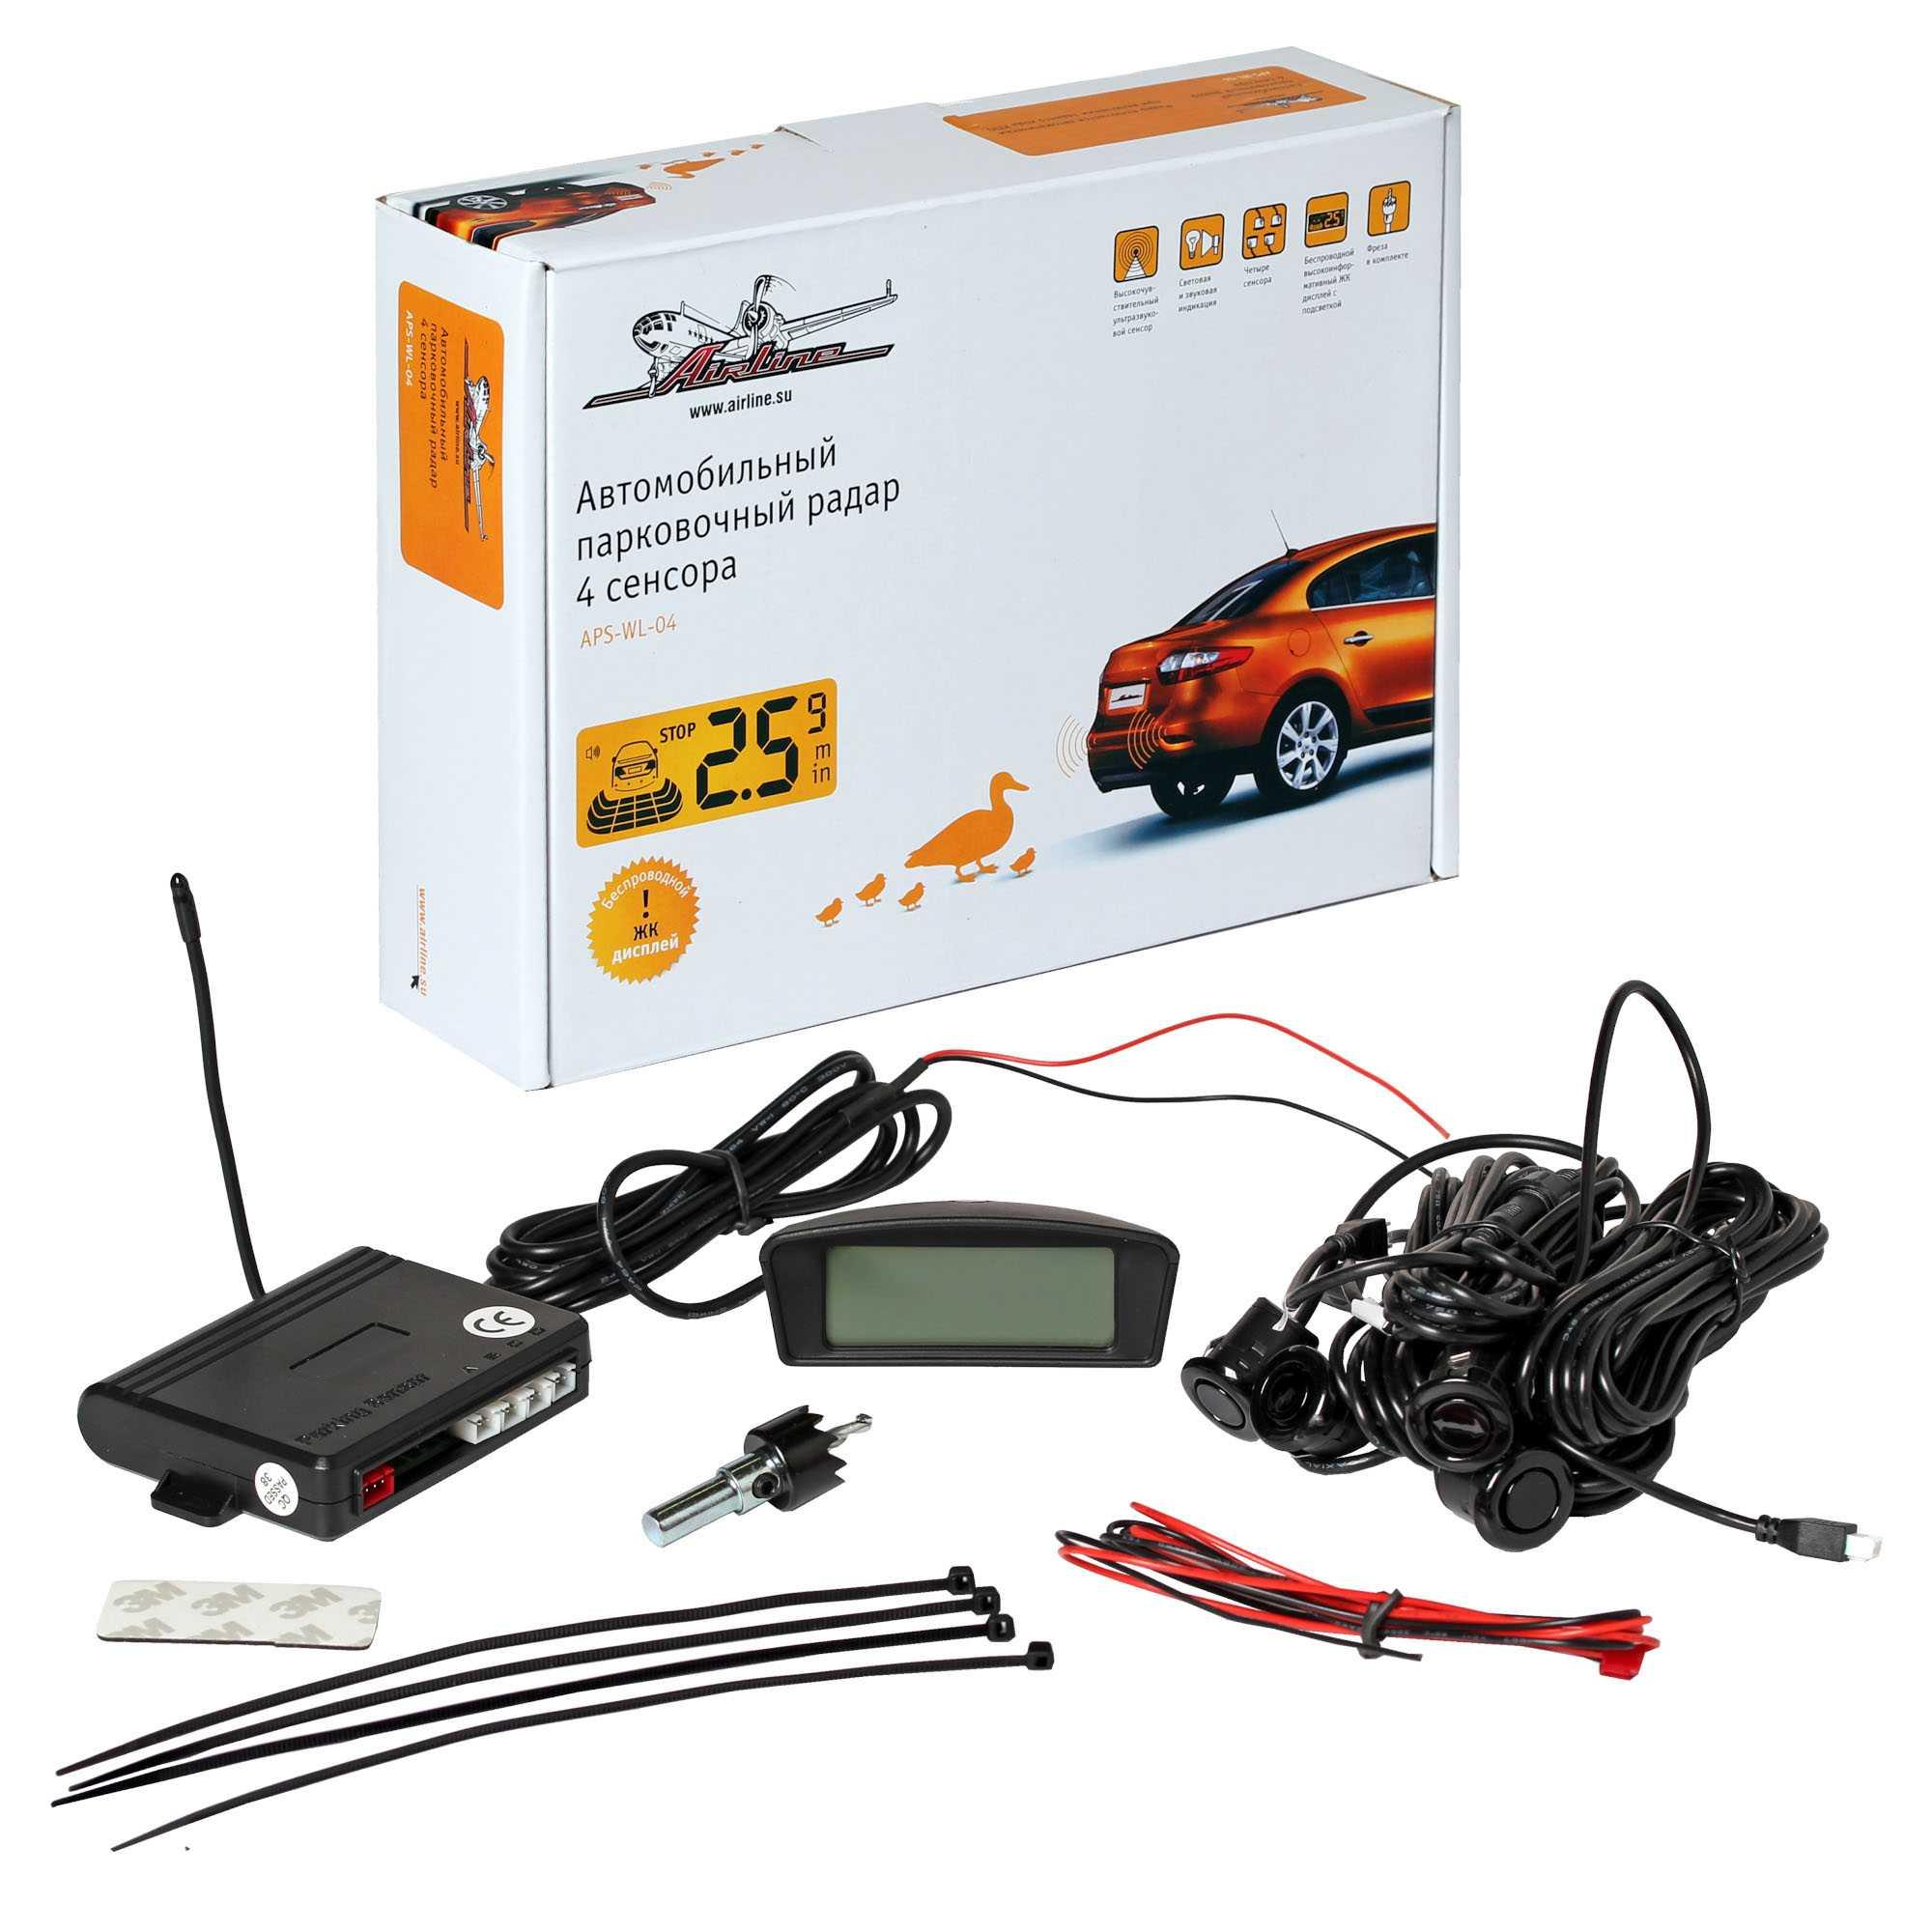 Купить Парковочный радар Airline APS-4L-01 в интернет магазине DNS. Характеристики, цена Airline APS-4L-01   6638025